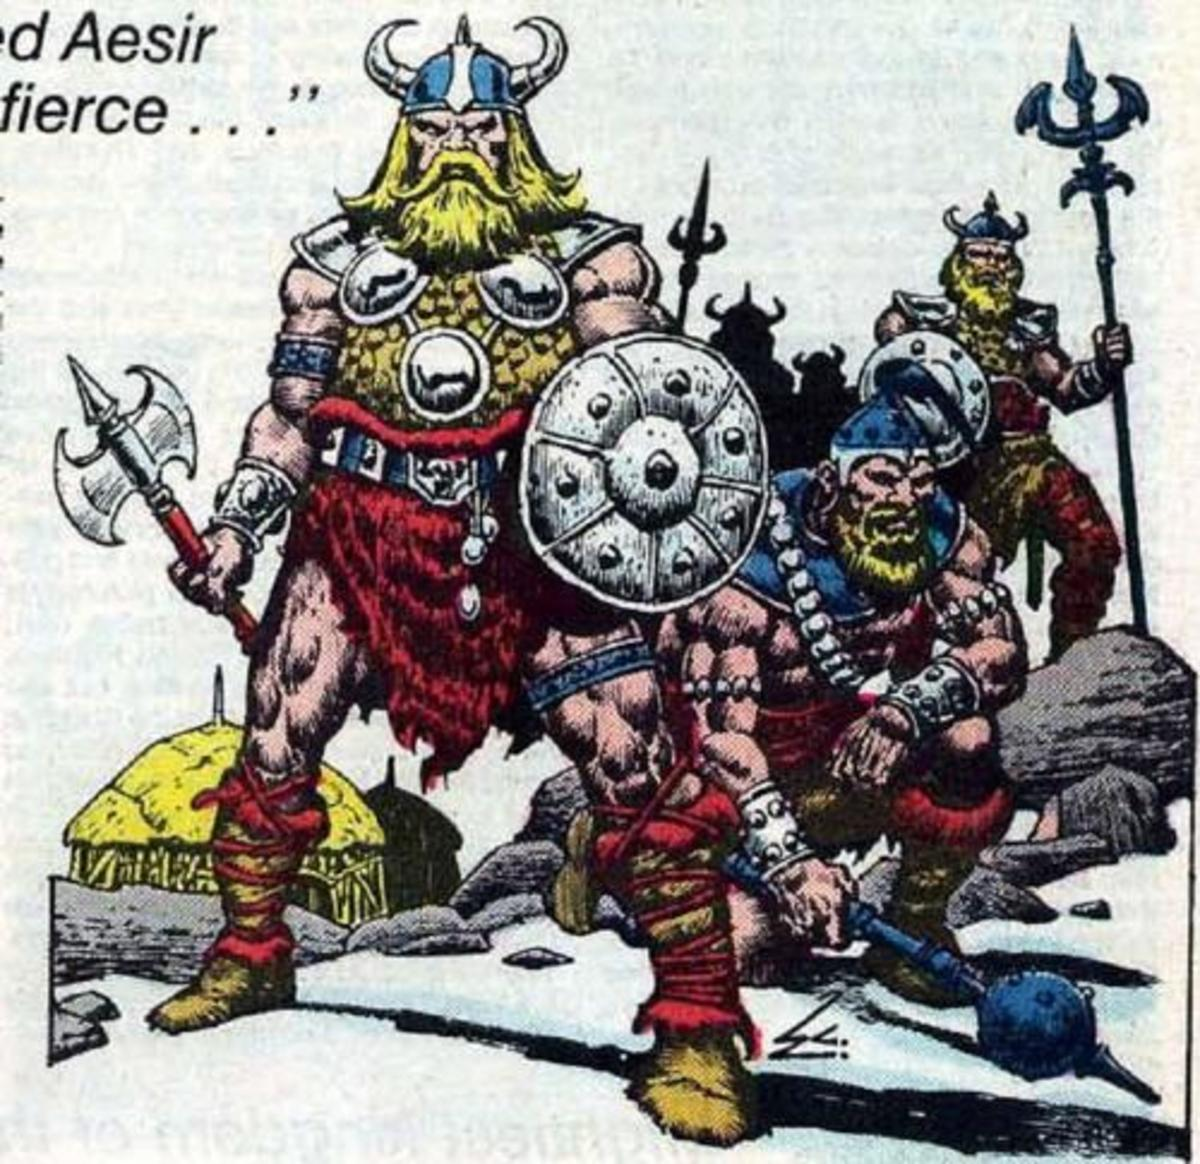 Fierce Aesir Warriors of Asgard